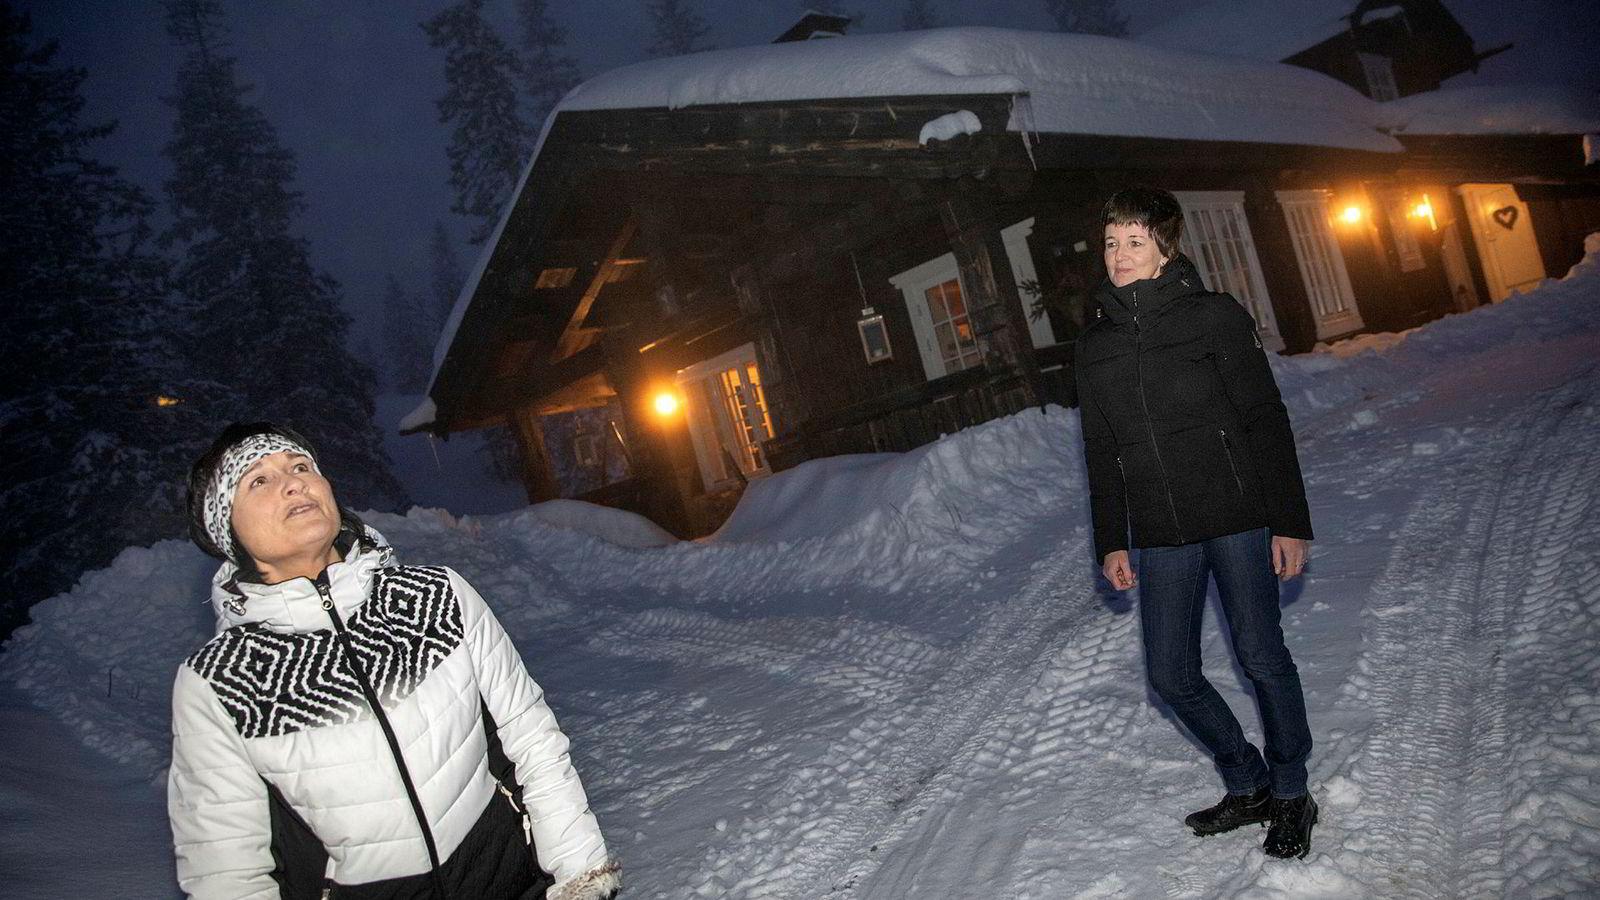 Anne Svenneby (hvit jake) og Hanne-Kjersti Løke er bekymret for om infrastrukturen i Trysil er klar for å ta imot det antall gjester det planlegges for i fremtiden. Her er de fotografert utenfor hytta til Løke.